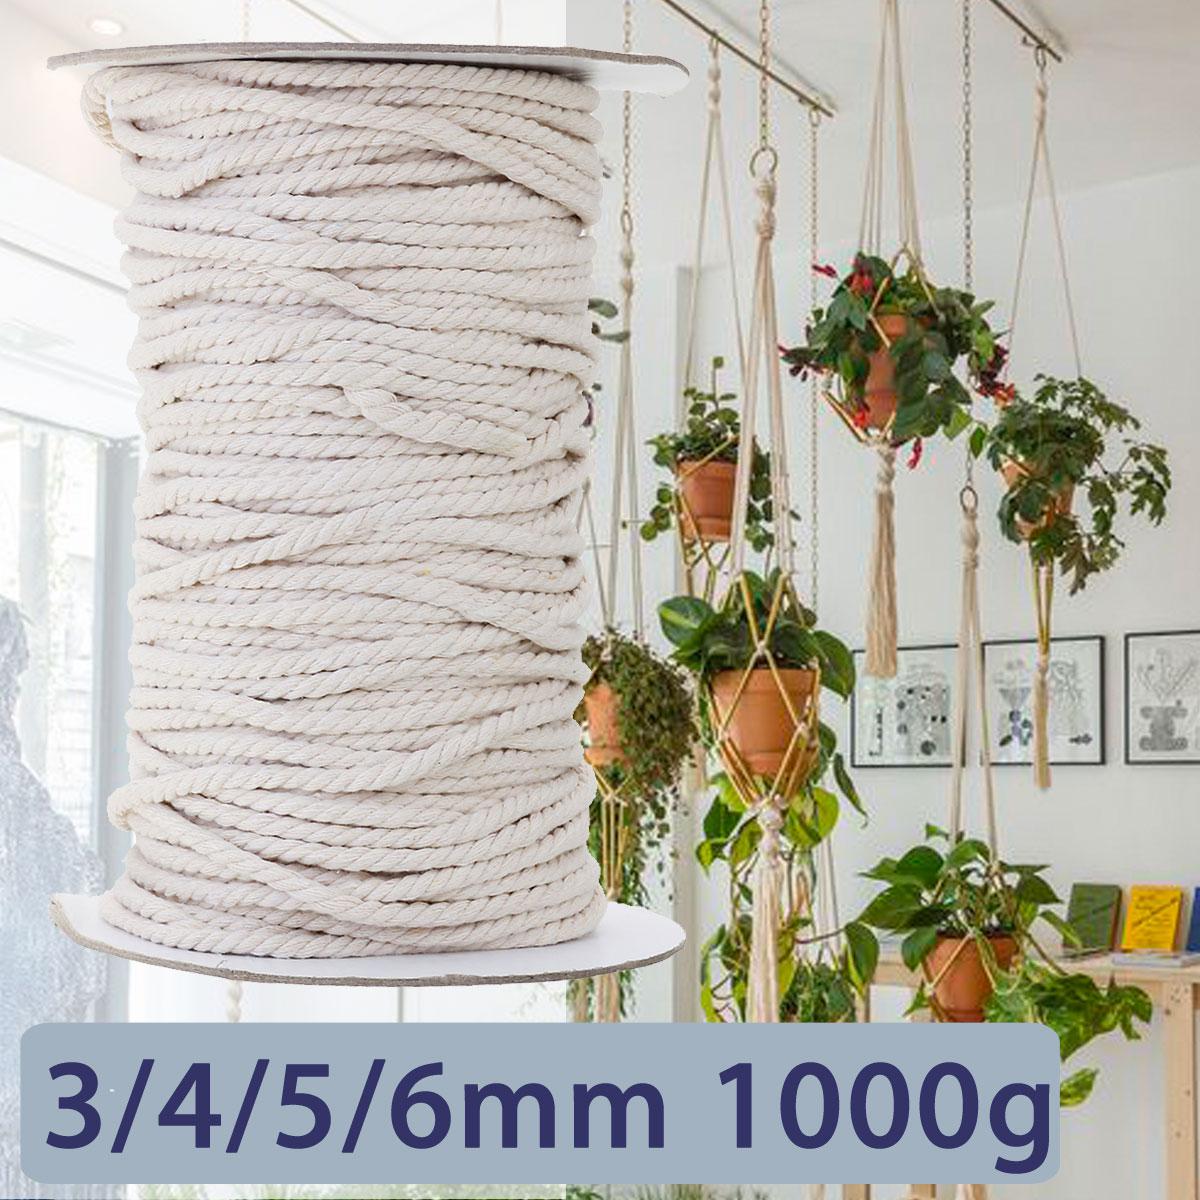 KIWARM 3/4/5/6mm 1000g Bianco Cotone Ritorto Intrecciato Cavo Corda FAI DA TE Tessili Per La Casa accessori Craft Macrame String